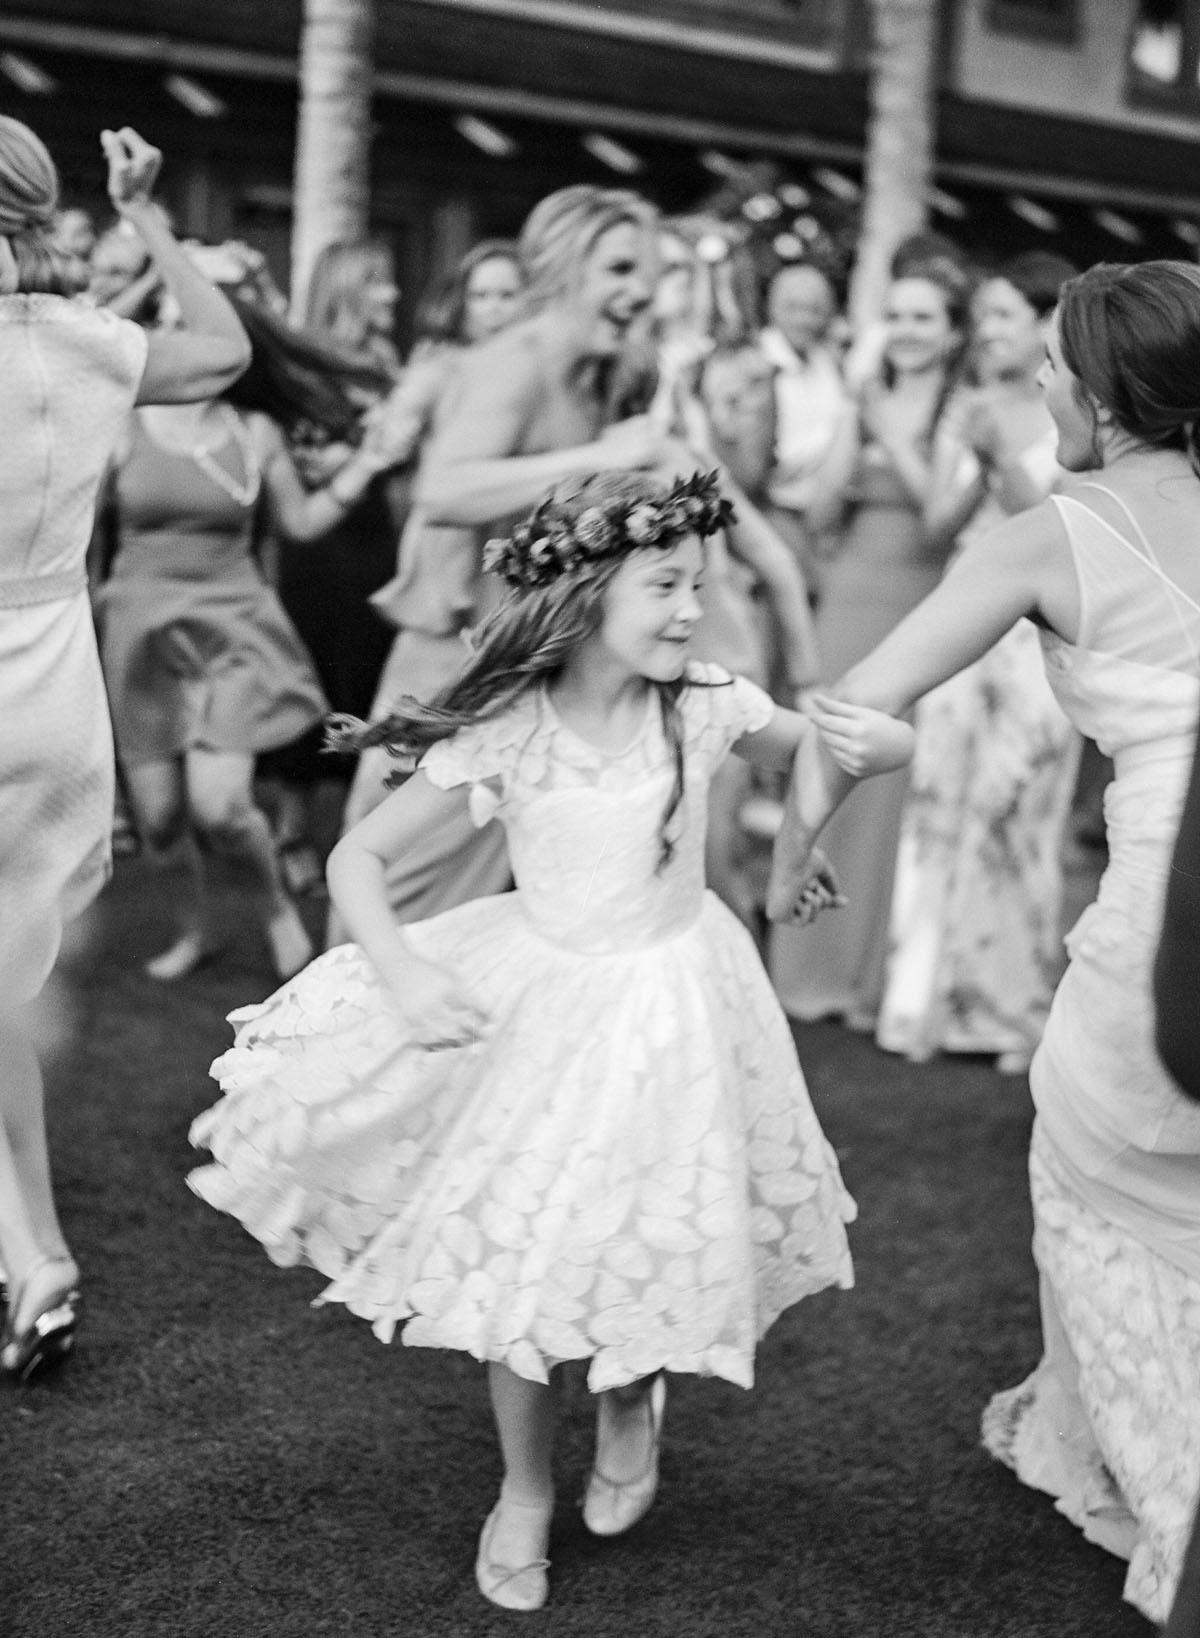 50-flower-girl-hora-dancing.jpg